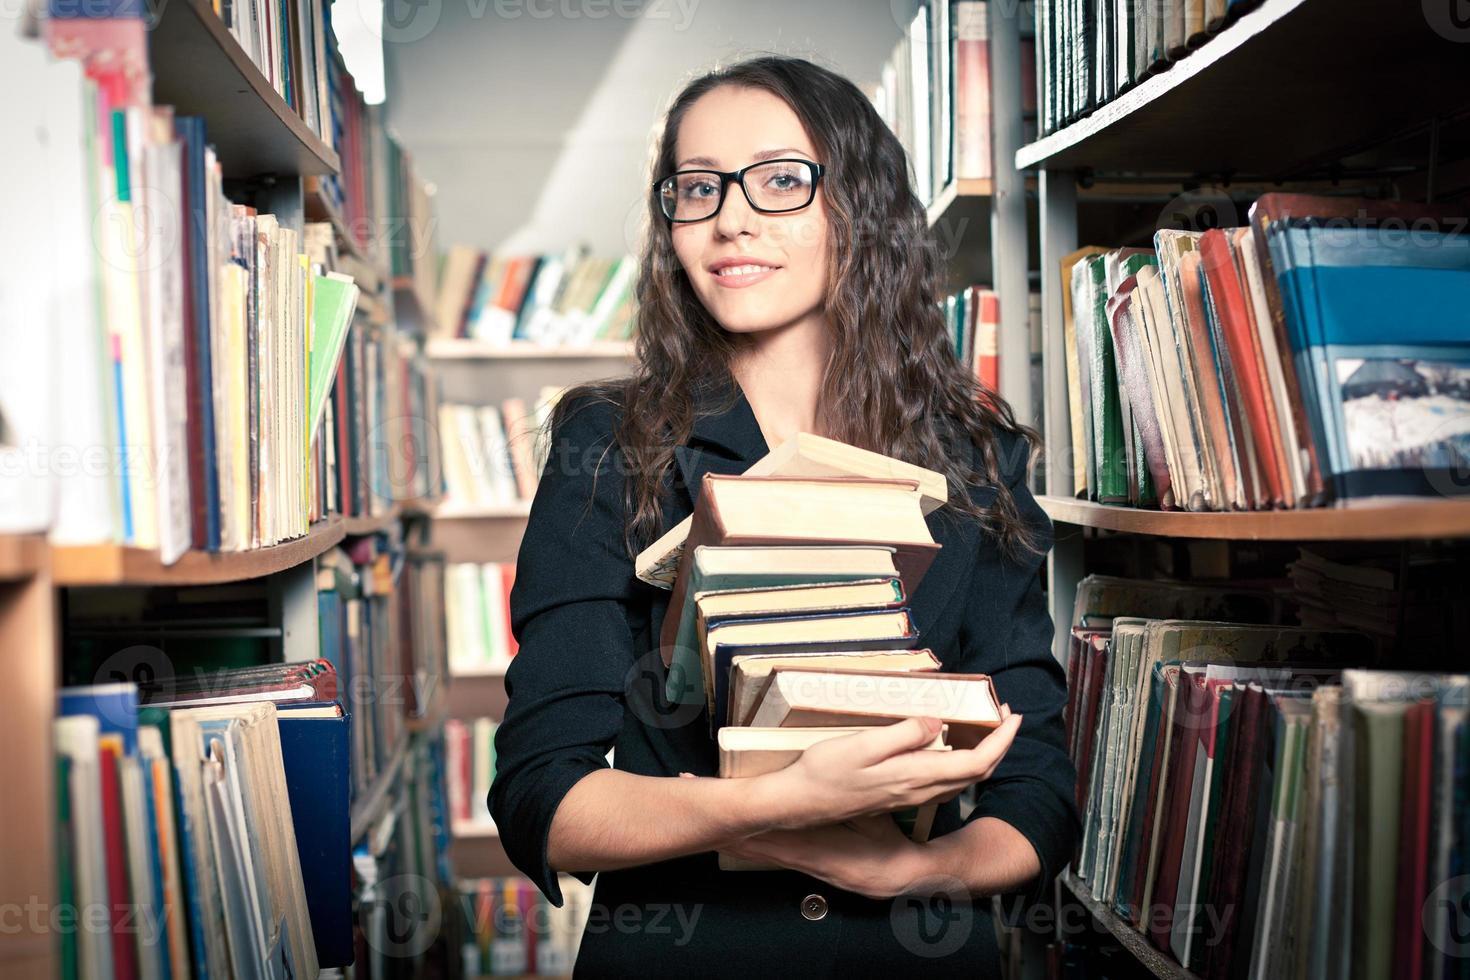 Brünette Frau in der Bibliothek foto